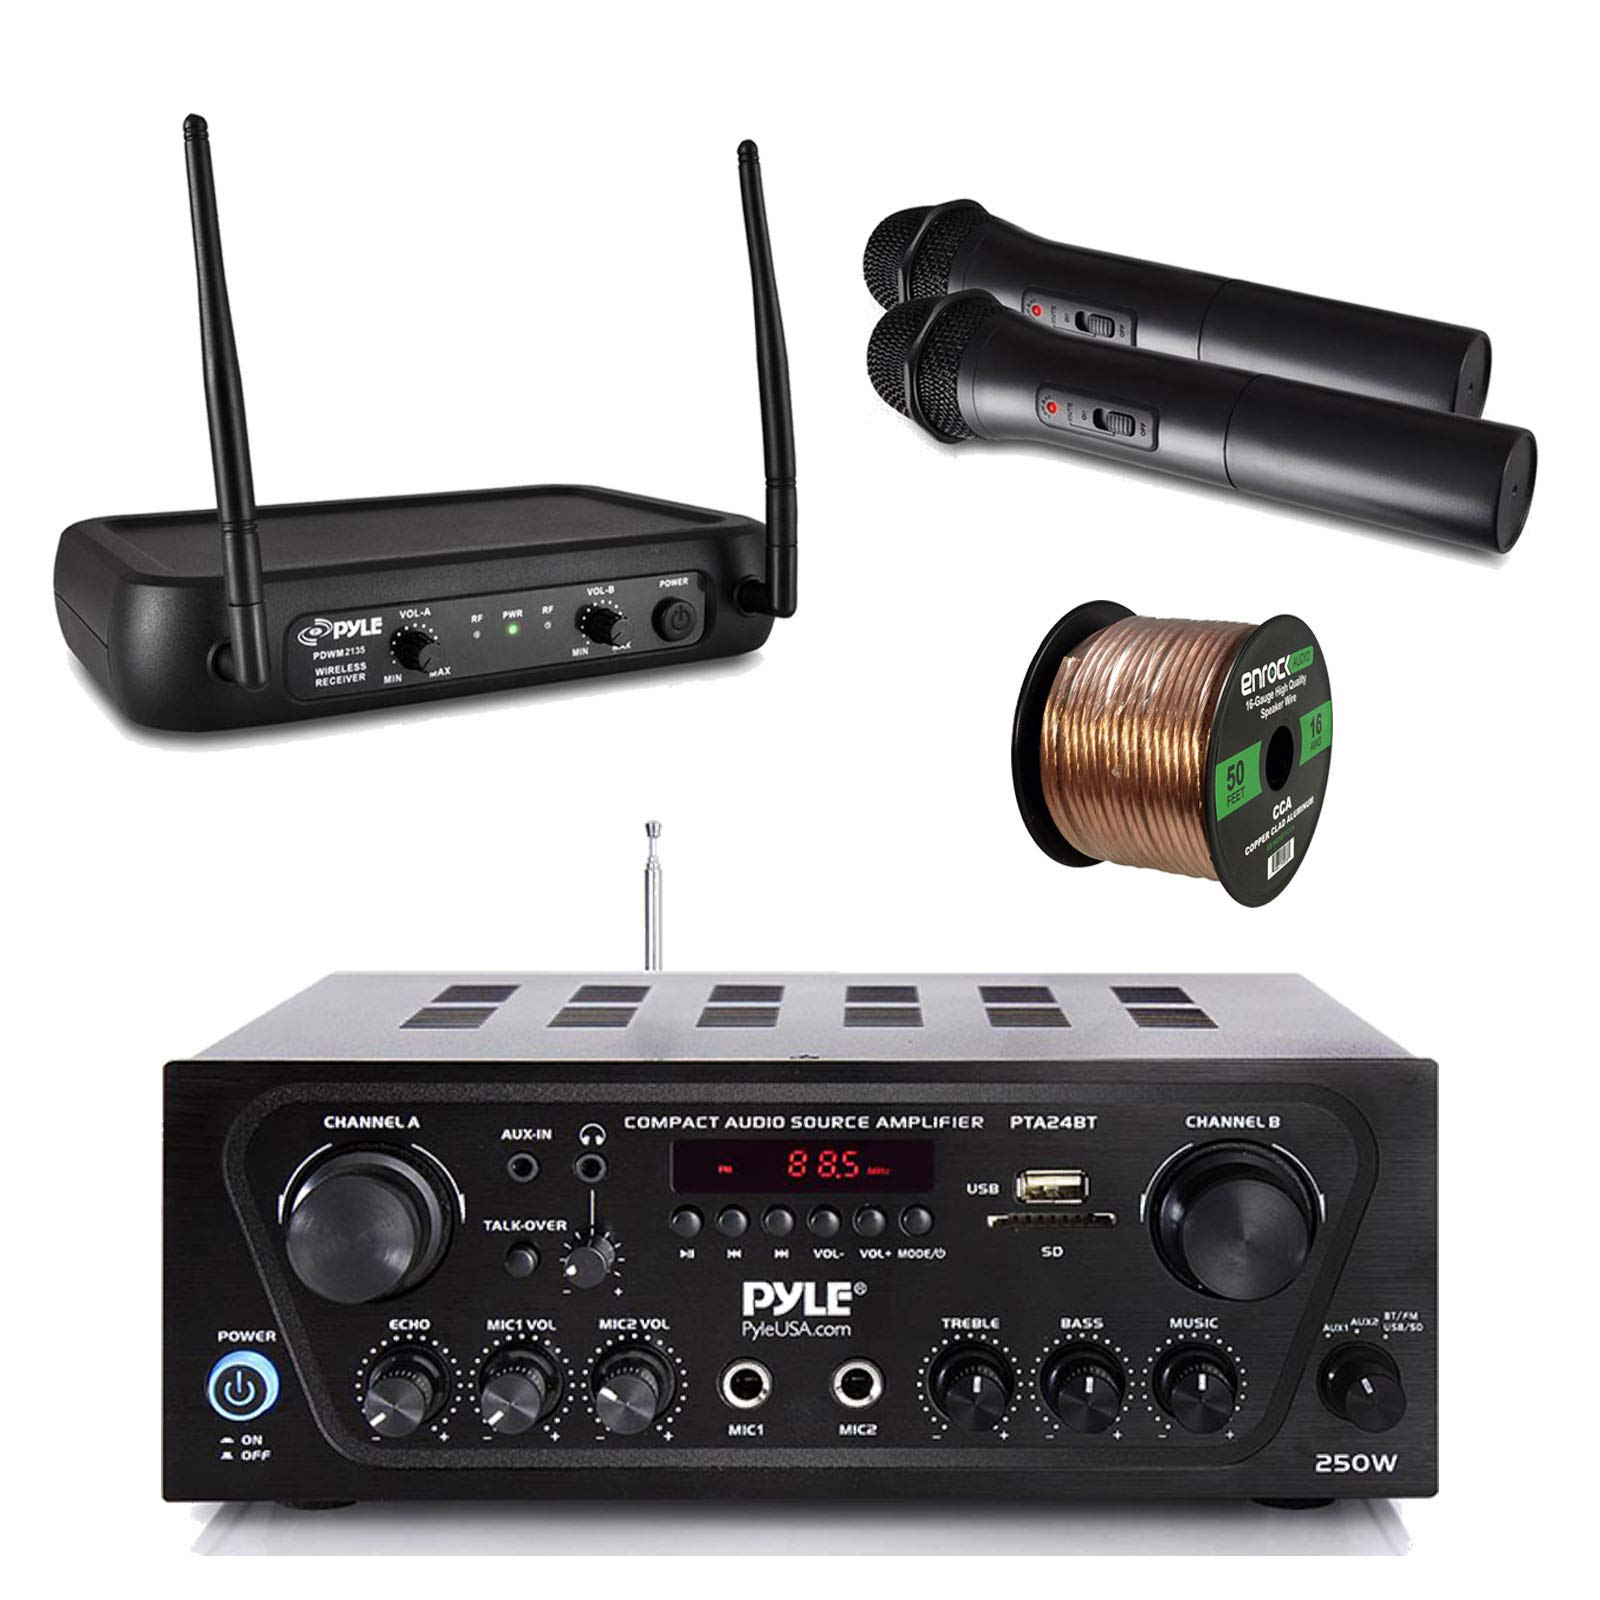 Pyle Wireless Bluetooth Stereo Receiver Amplifier, Dual Channel VHF Wireless Microphone System, Enrock Audio 16-Gauge 50 Foot Speaker Wire - PA, Karaoke, DJ